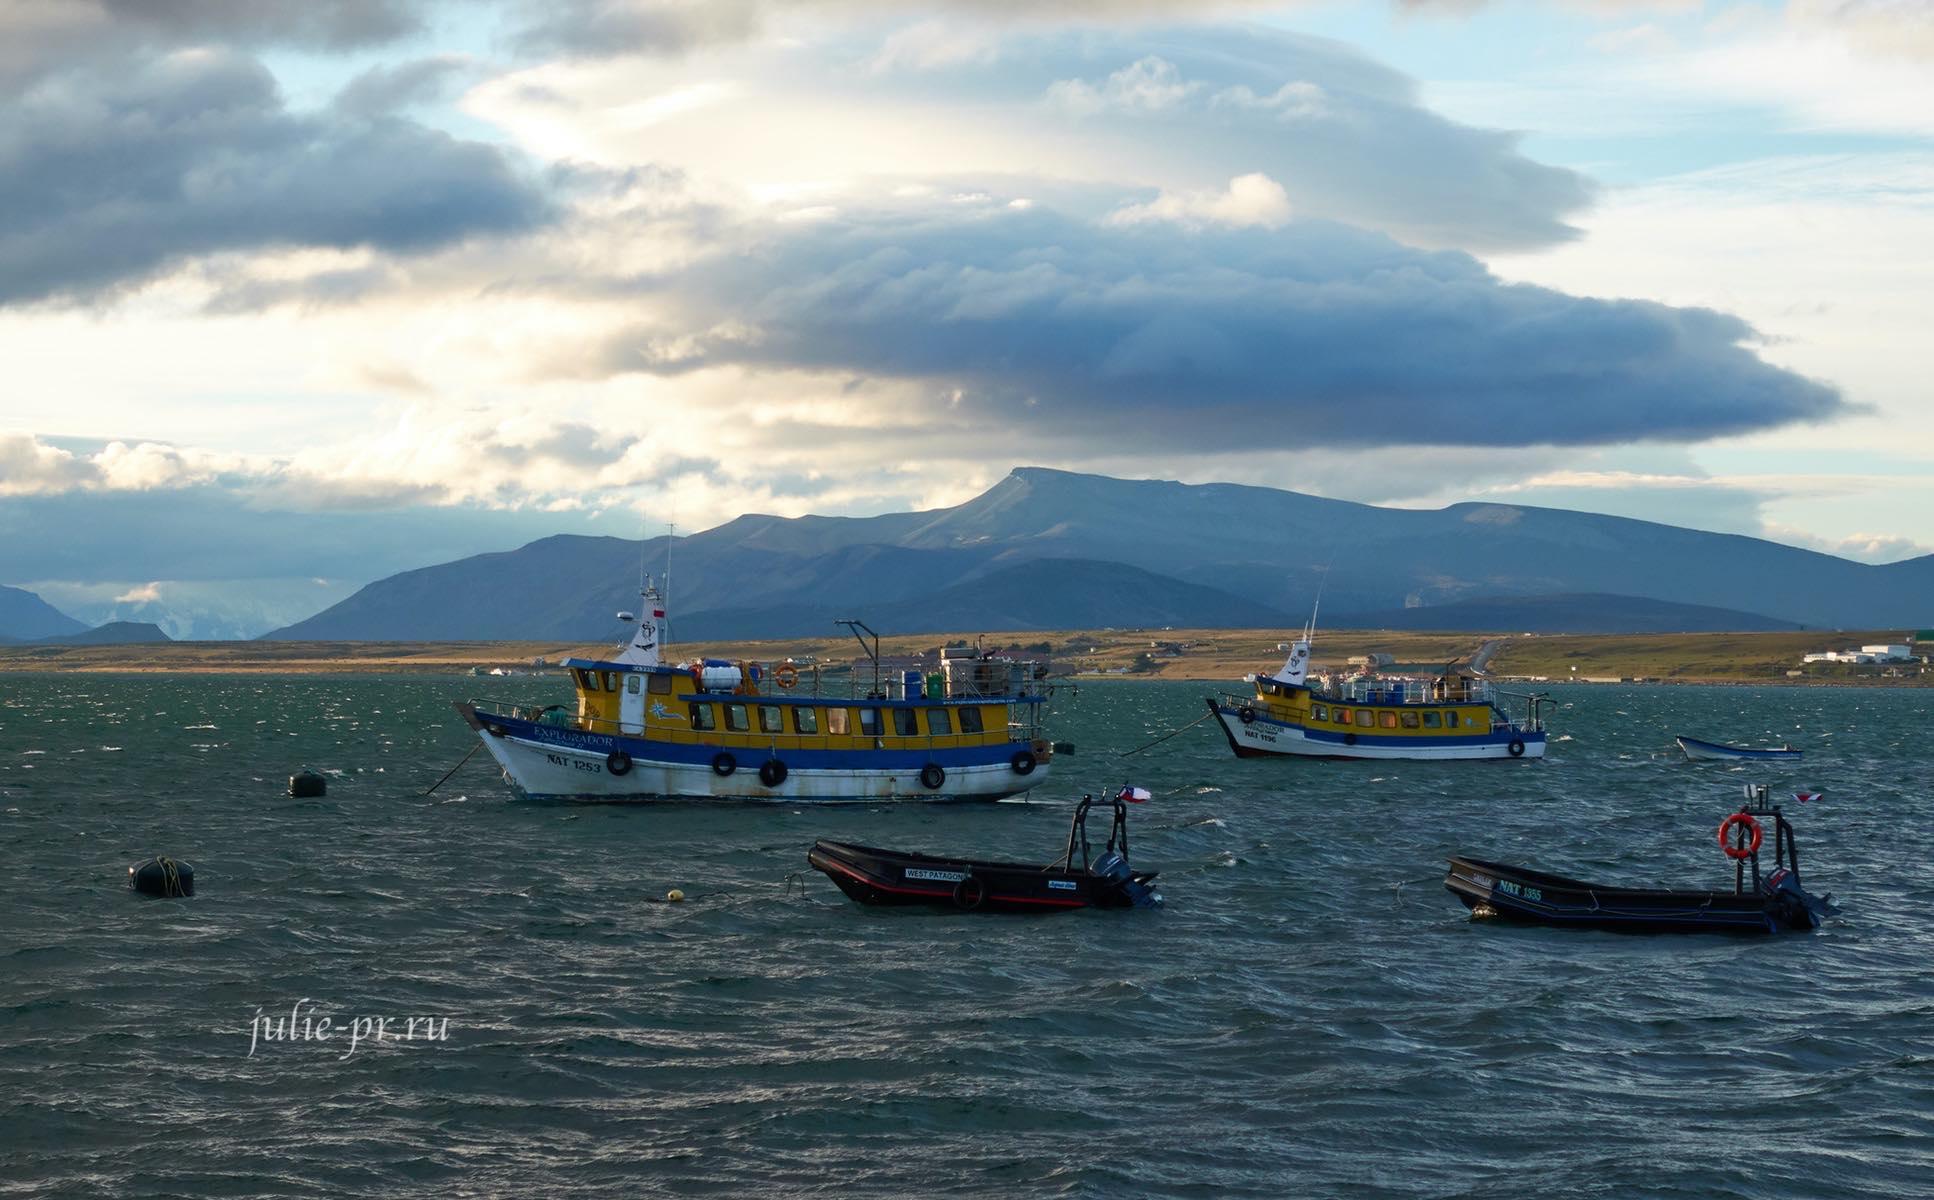 Чили, Патагония, Пуэрто-Наталес, набережная